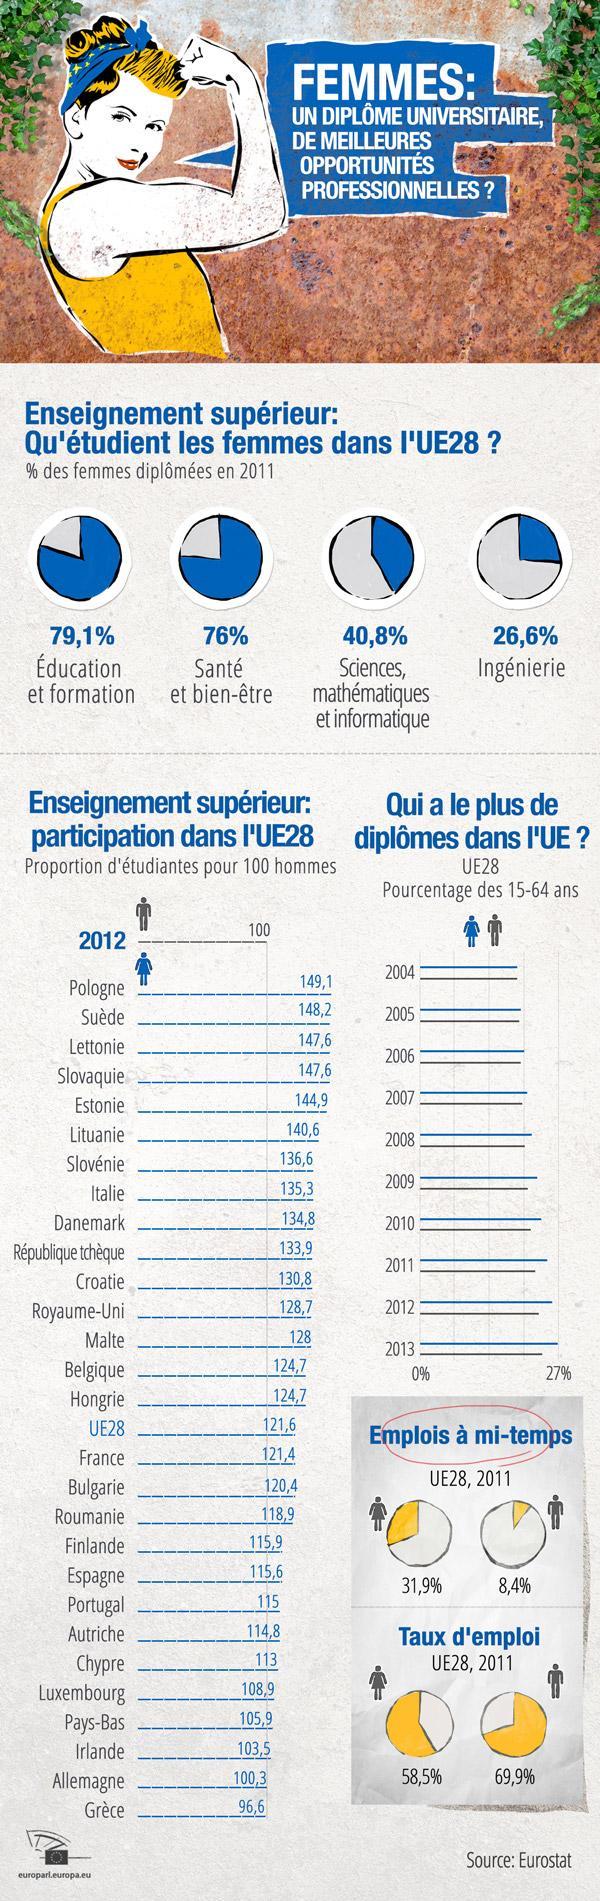 Infographie sur l'éducation et les opportunités professionnelles des femmes dans l'UE